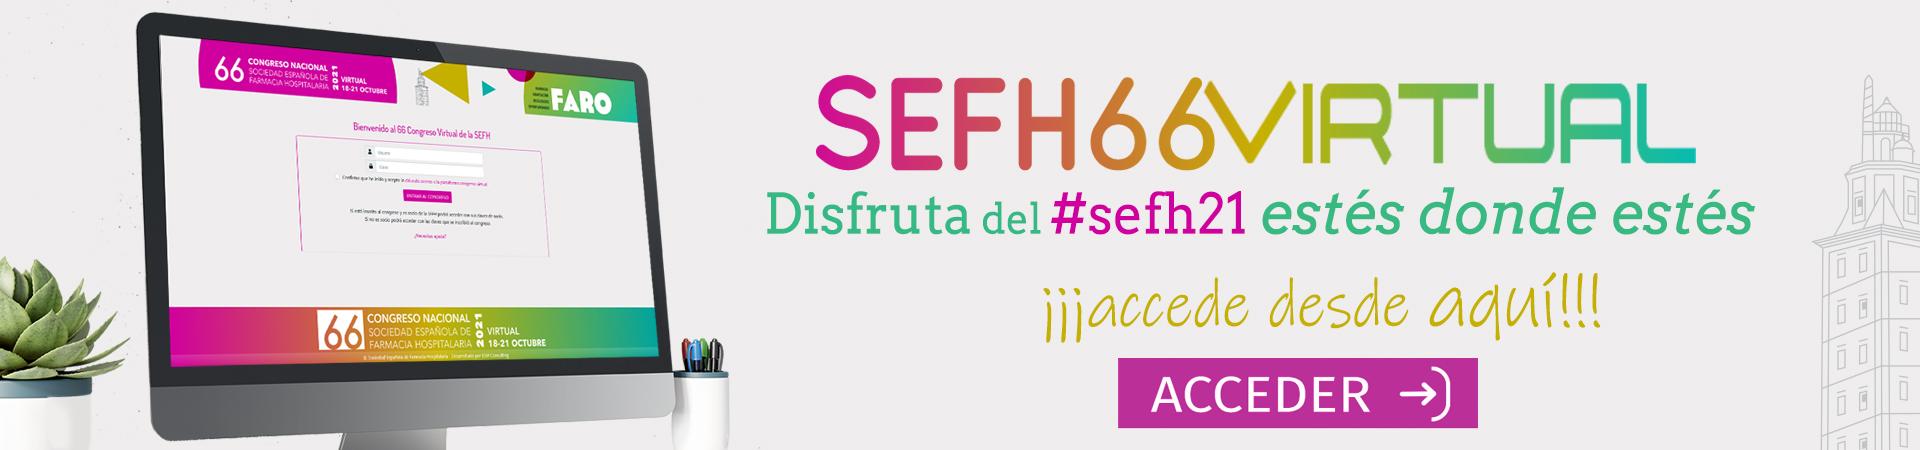 66 Congreso Virtual de la SEFH